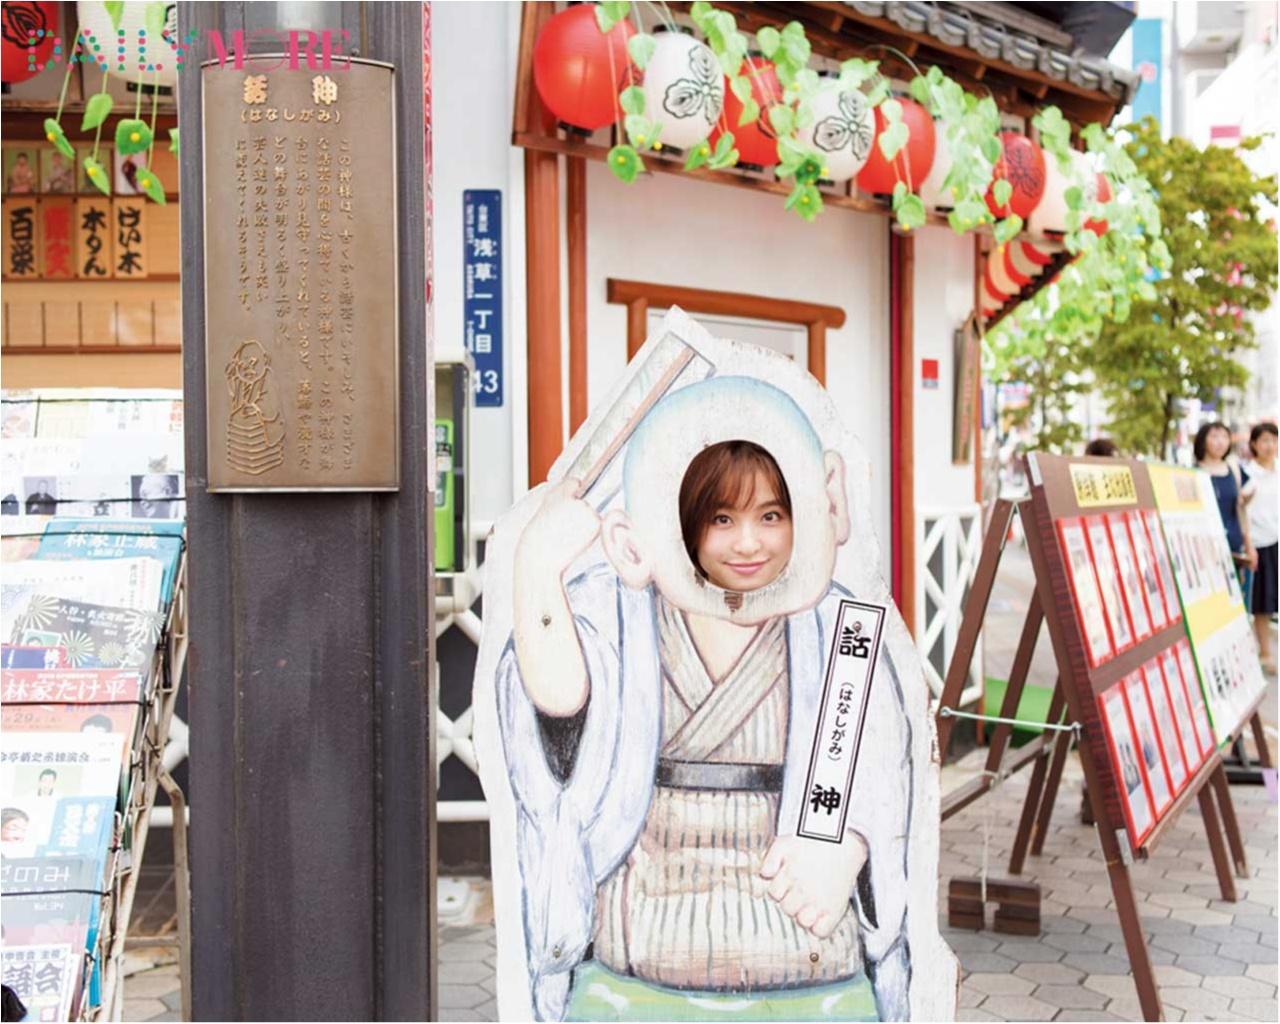 篠田麻里子と学ぶ、今話題の「寄席」の楽しみ方!【麻里子の「和」コトハジメ】_3